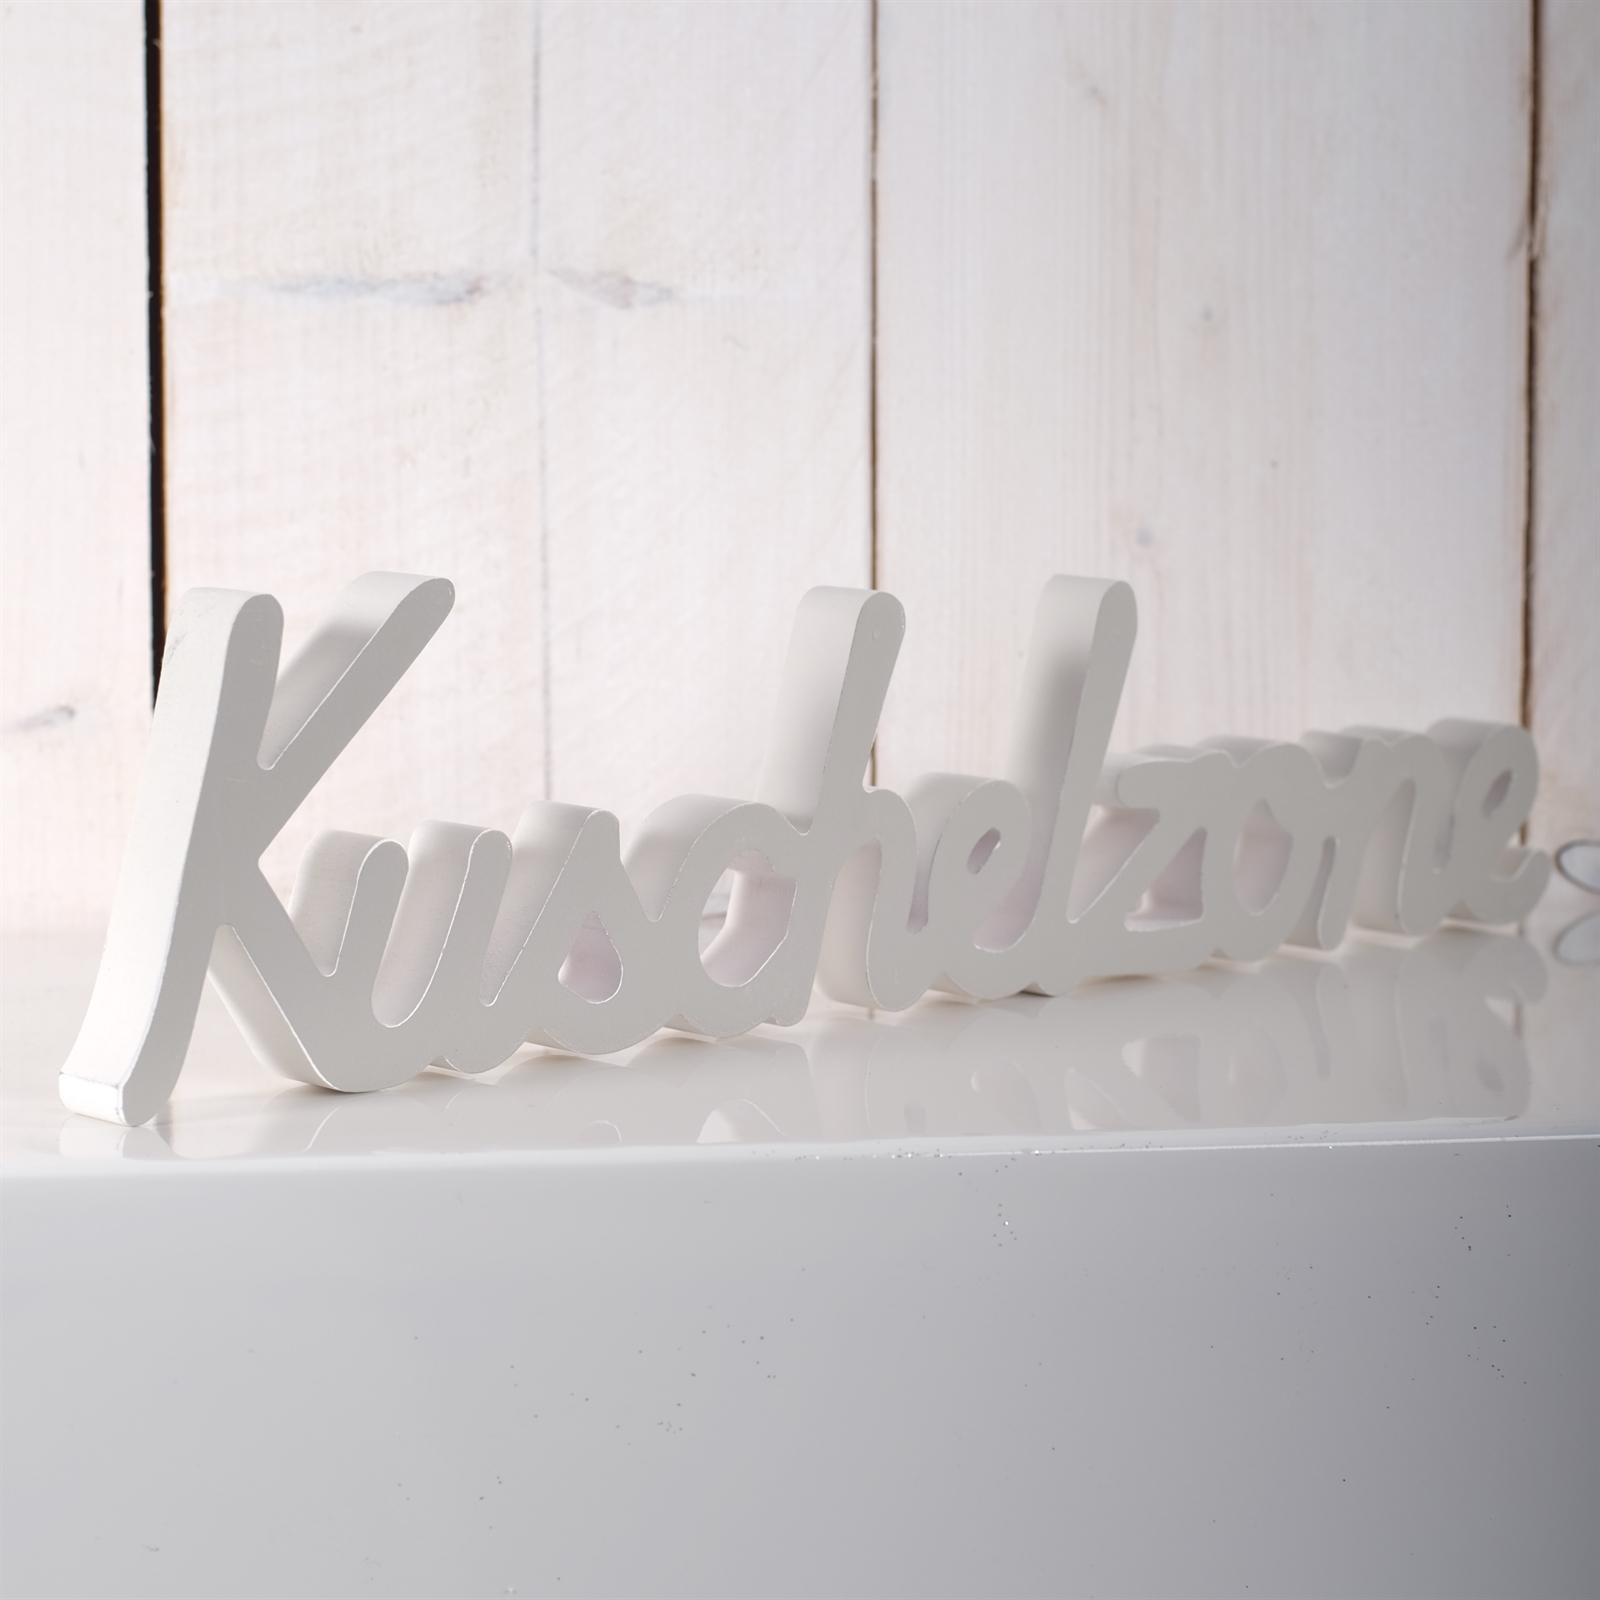 dekorativer schriftzug kuschelzone holz 40 cm wei grau ebay. Black Bedroom Furniture Sets. Home Design Ideas